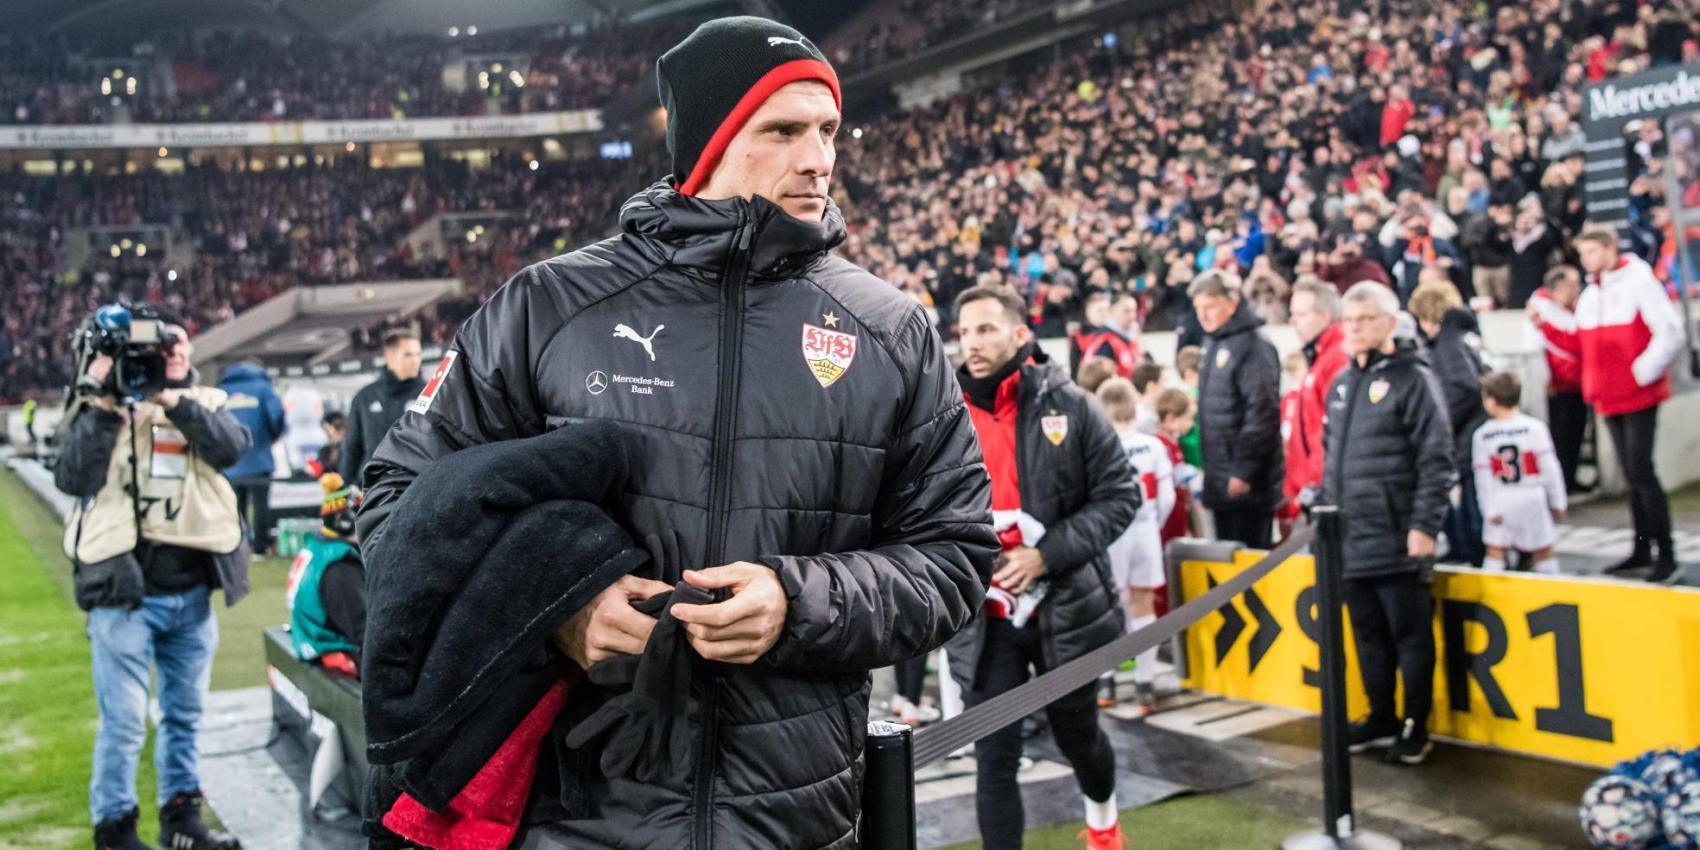 Mario Gomez ist beim VfB Stuttgart nicht mehr gesetzt